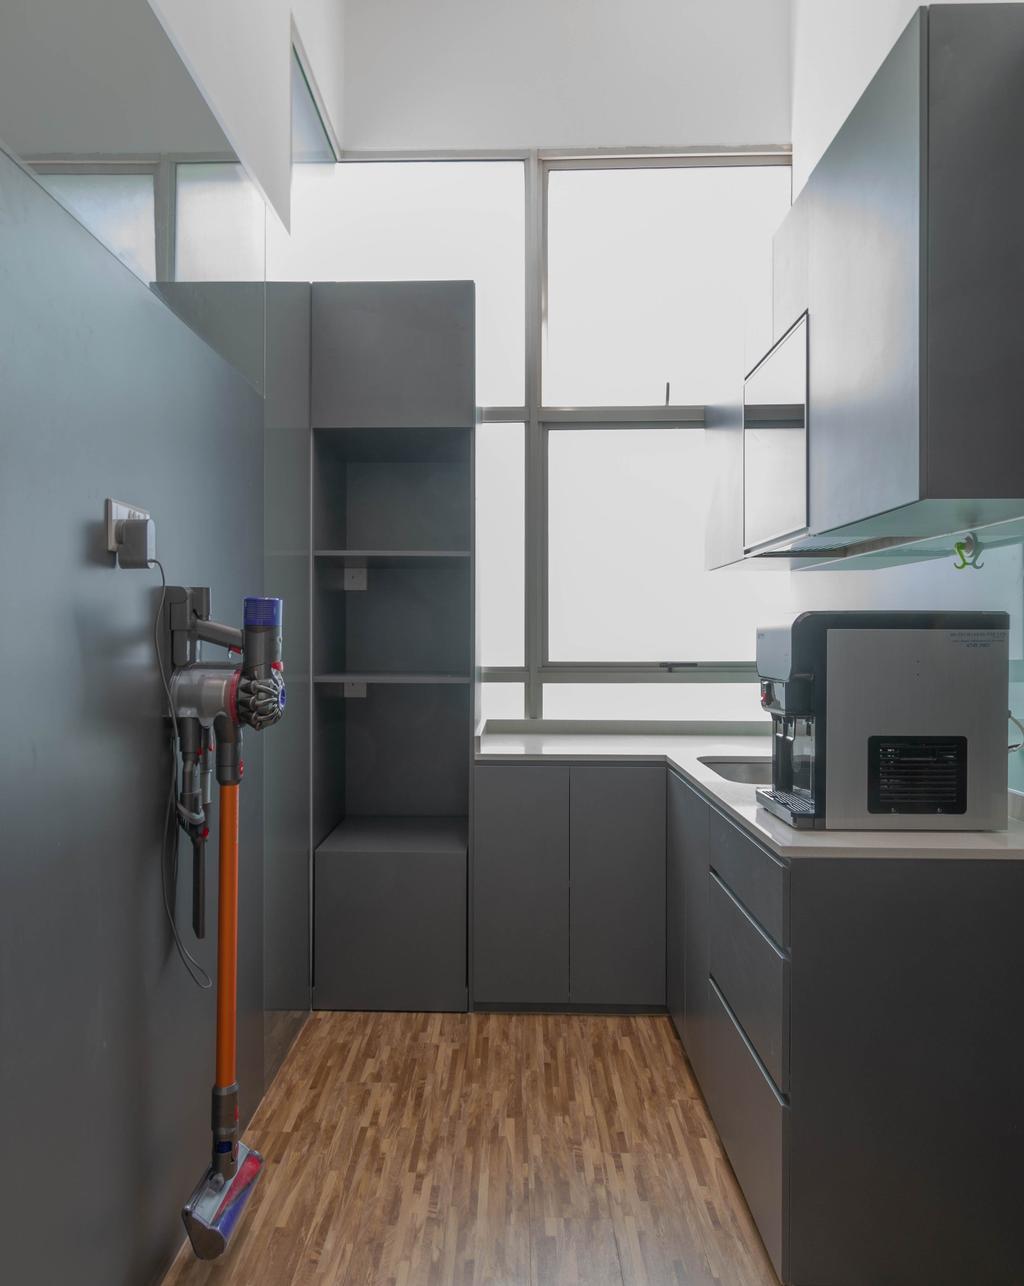 Tuas View Pl, Commercial, Interior Designer, Yang's Inspiration Design, Contemporary